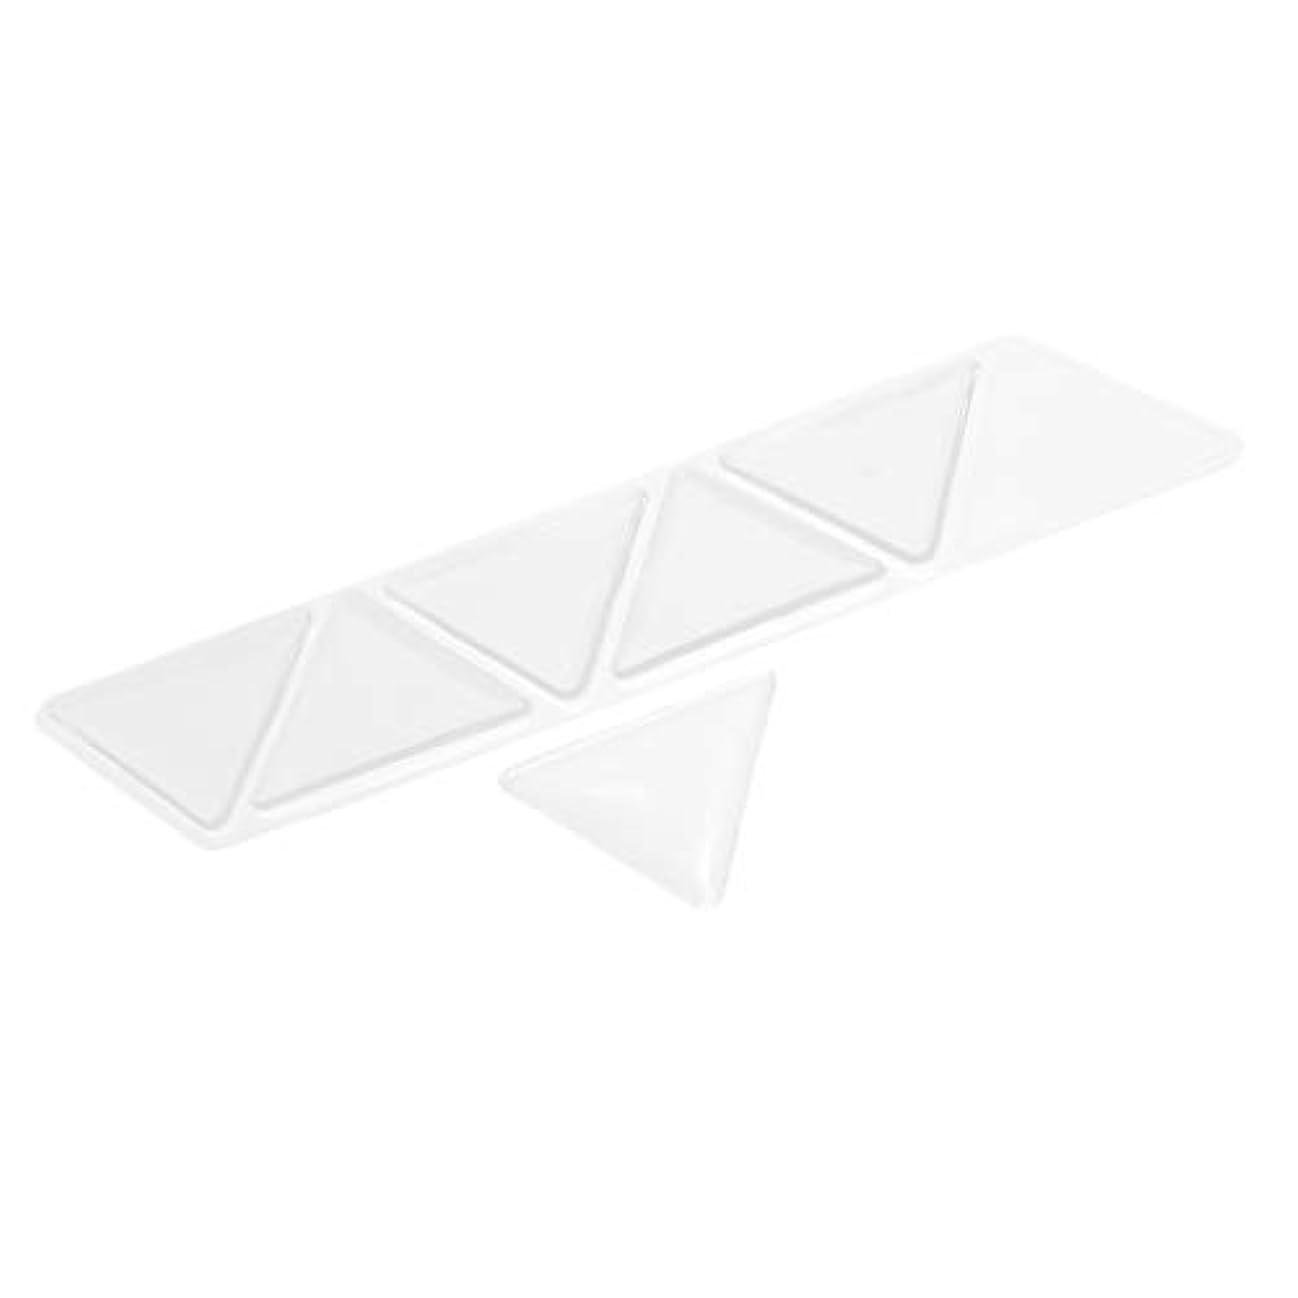 歪める最悪戦闘Baoblaze 額パッド スキンケアパッド アンチリンクル シリコン 三角パッド 再使用可能な